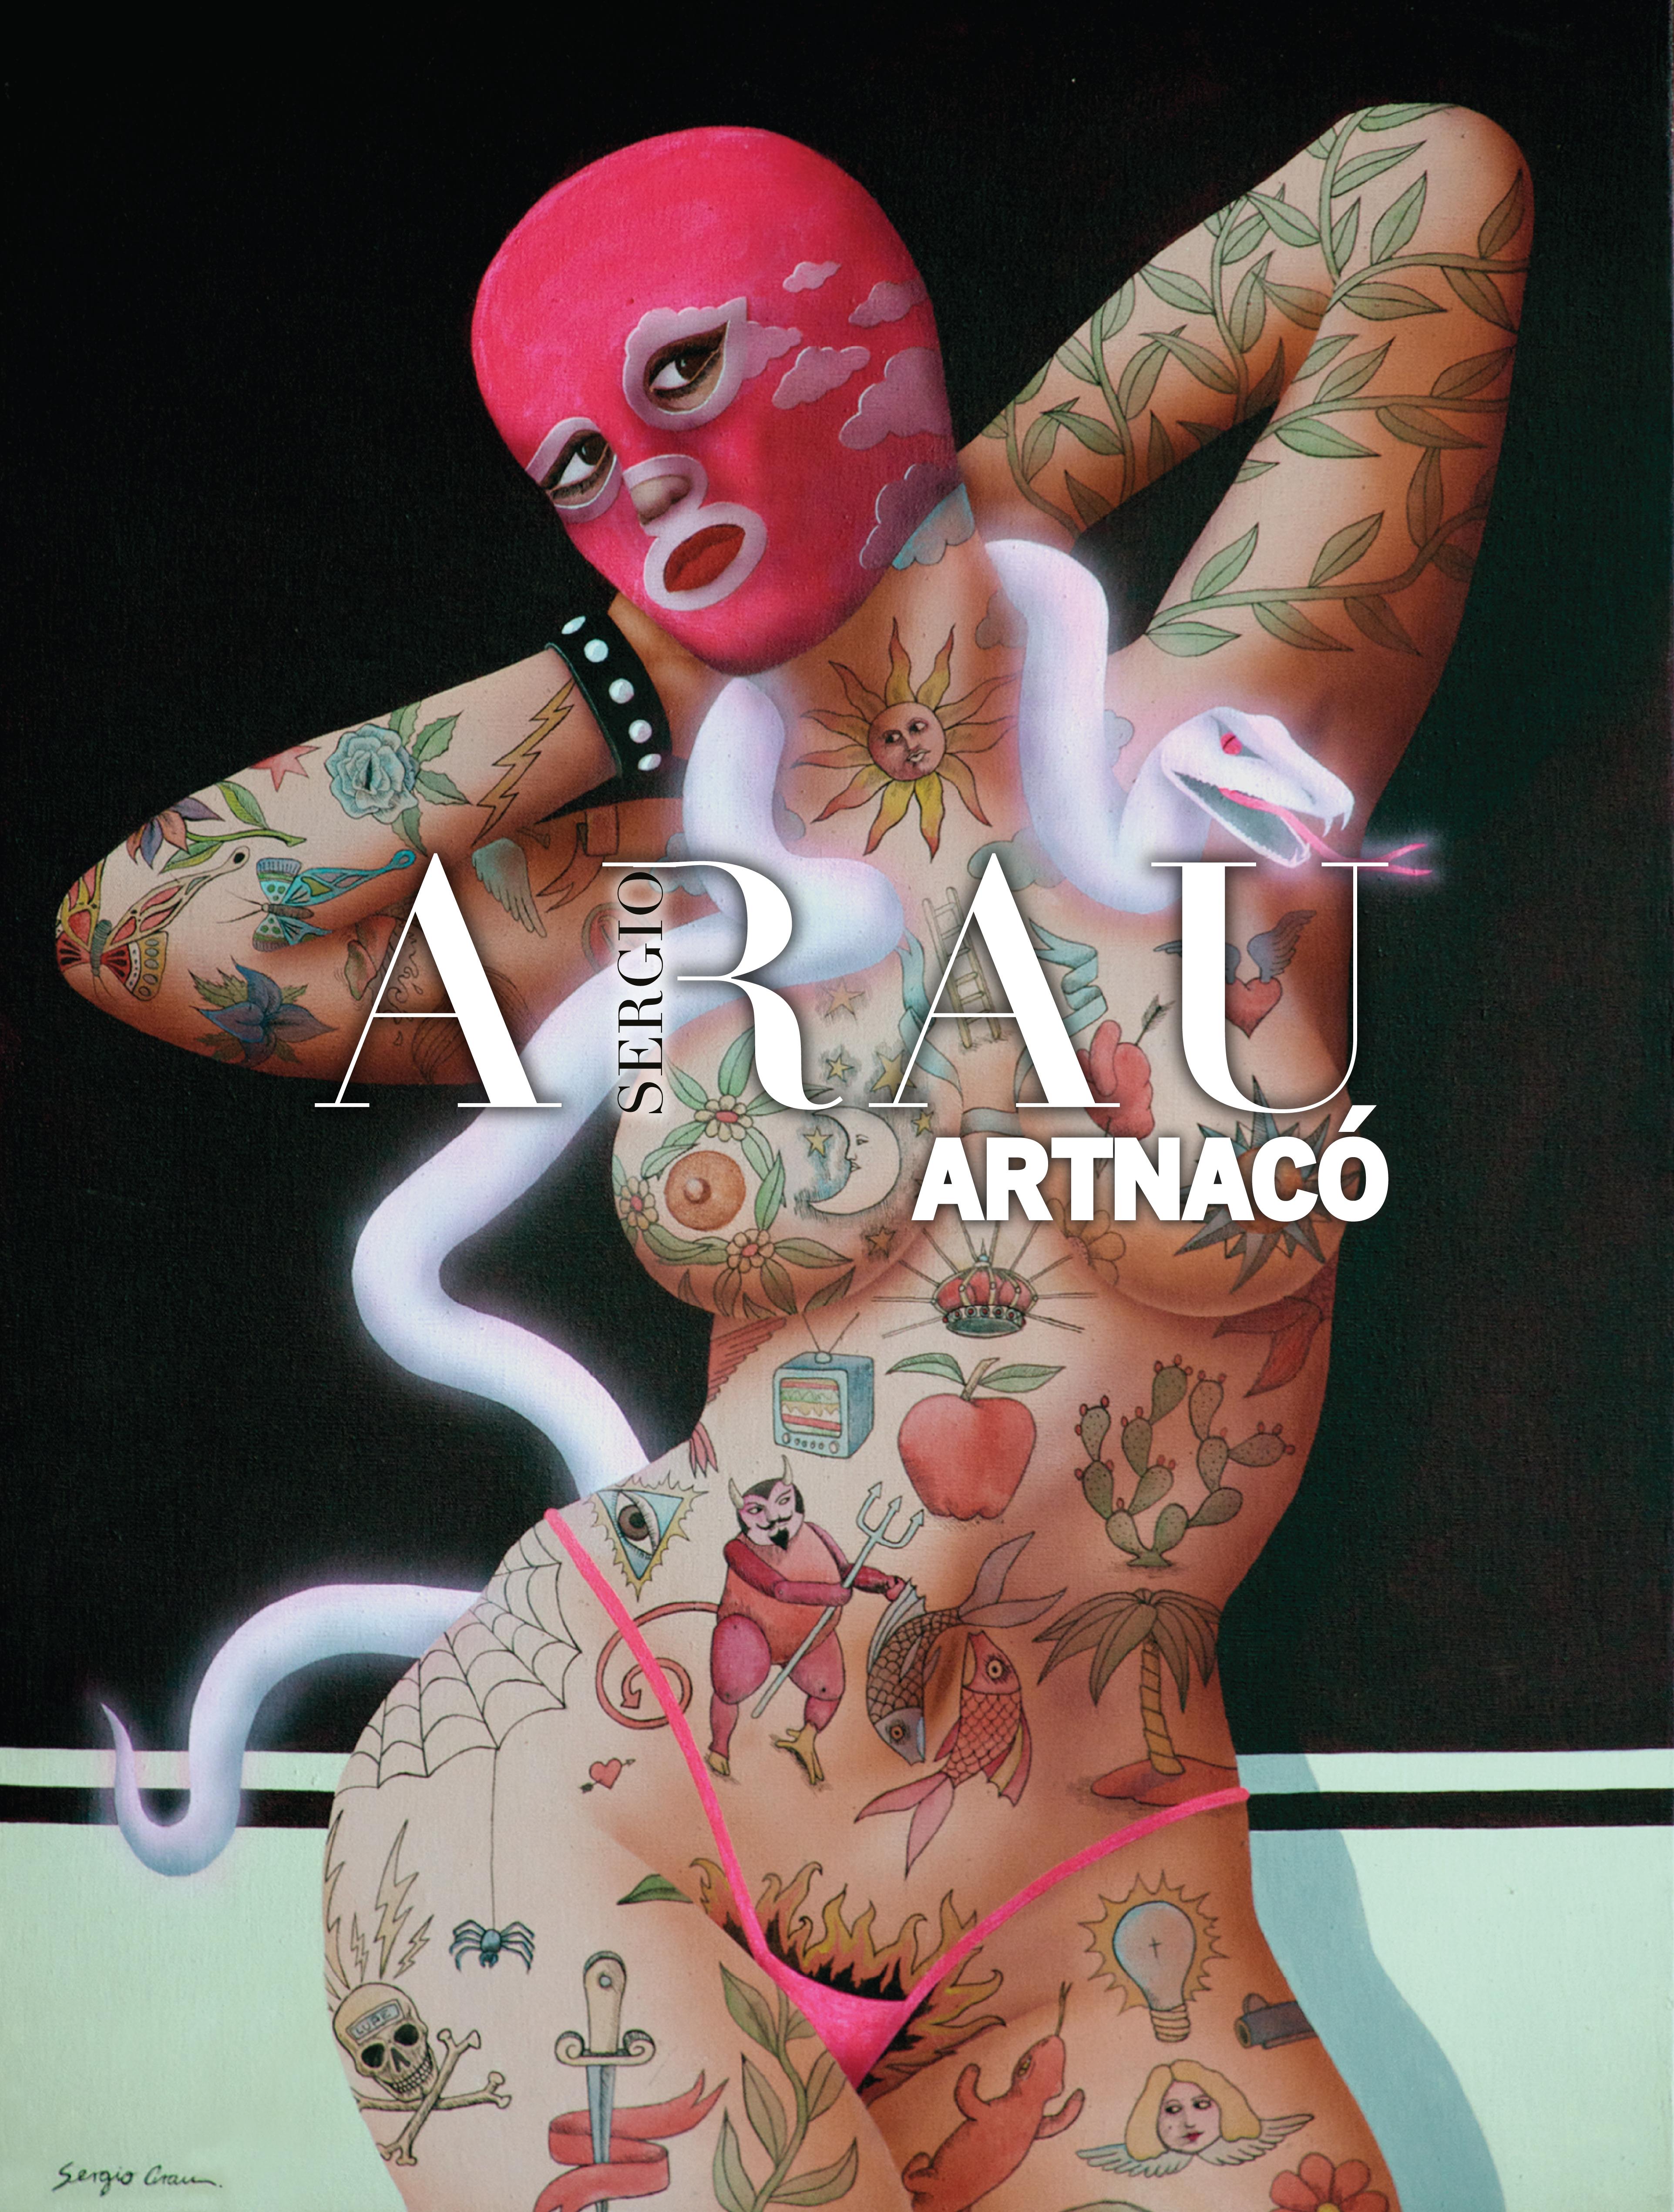 ArtNacó